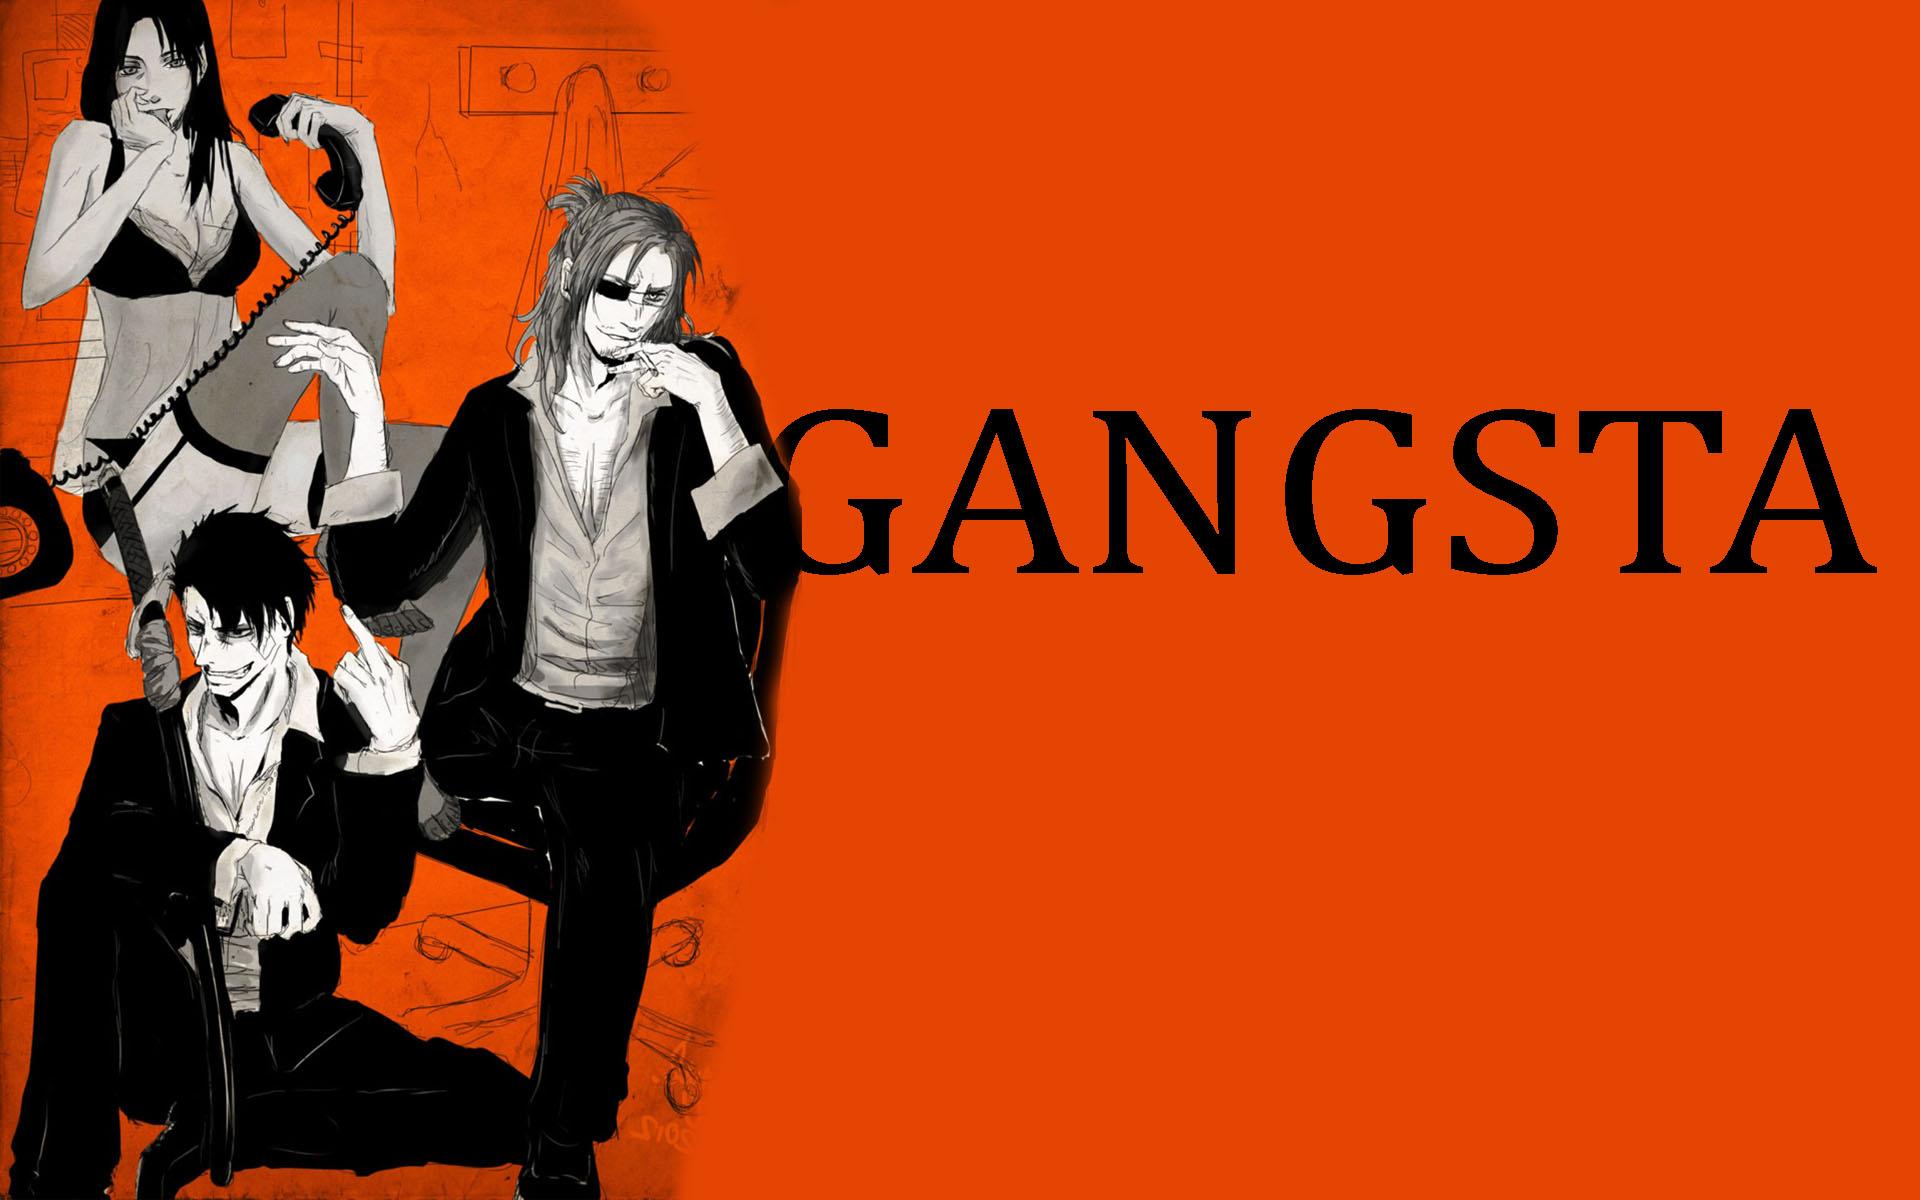 Cell Phone Fall Wallpaper Gangsta Backgrounds Hd Pixelstalk Net